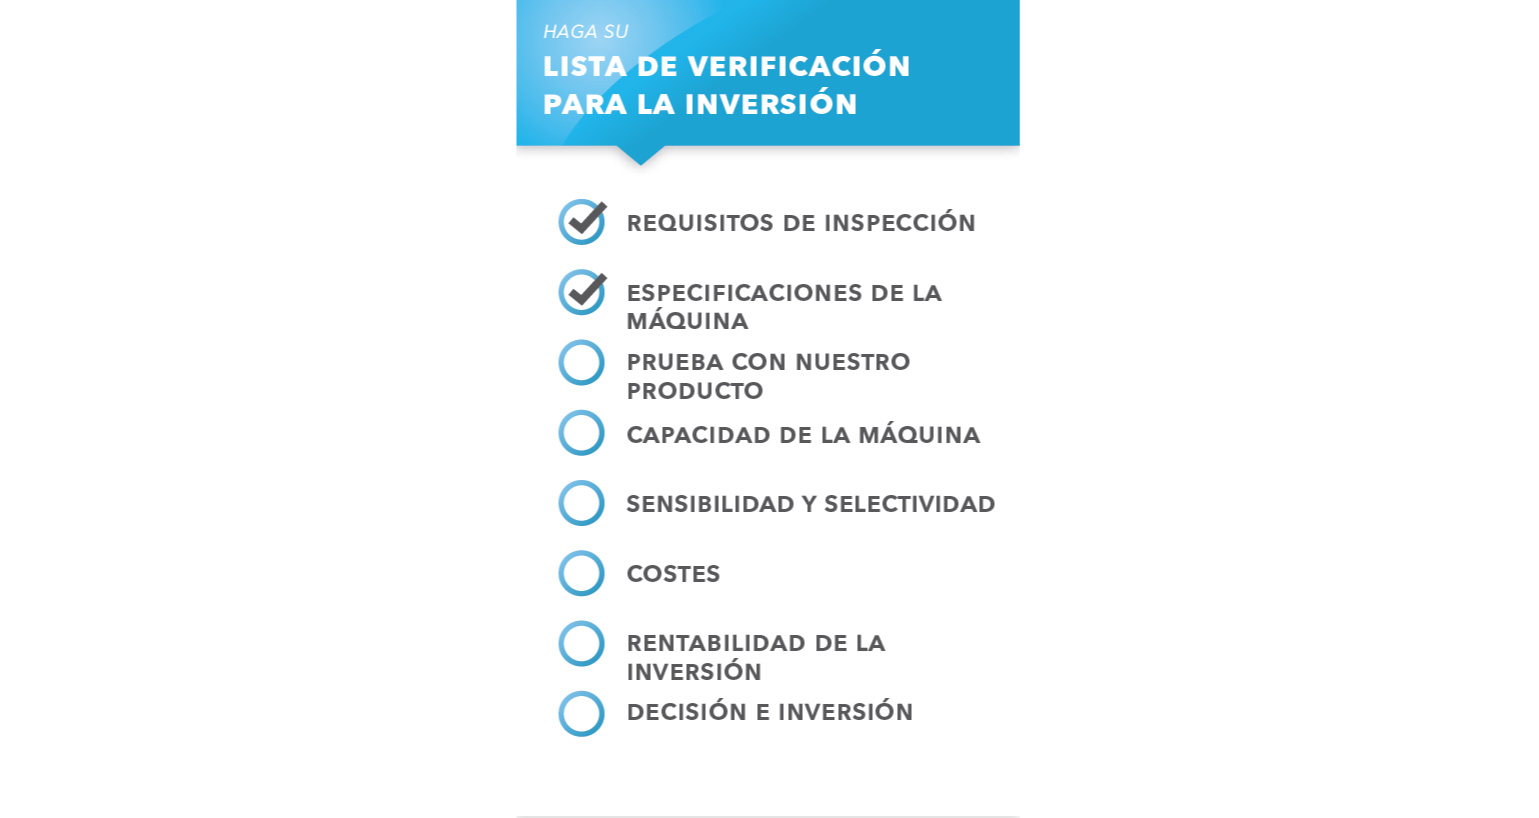 La guía de inversión para máquinas de clasificación e inspección visual automatizadas